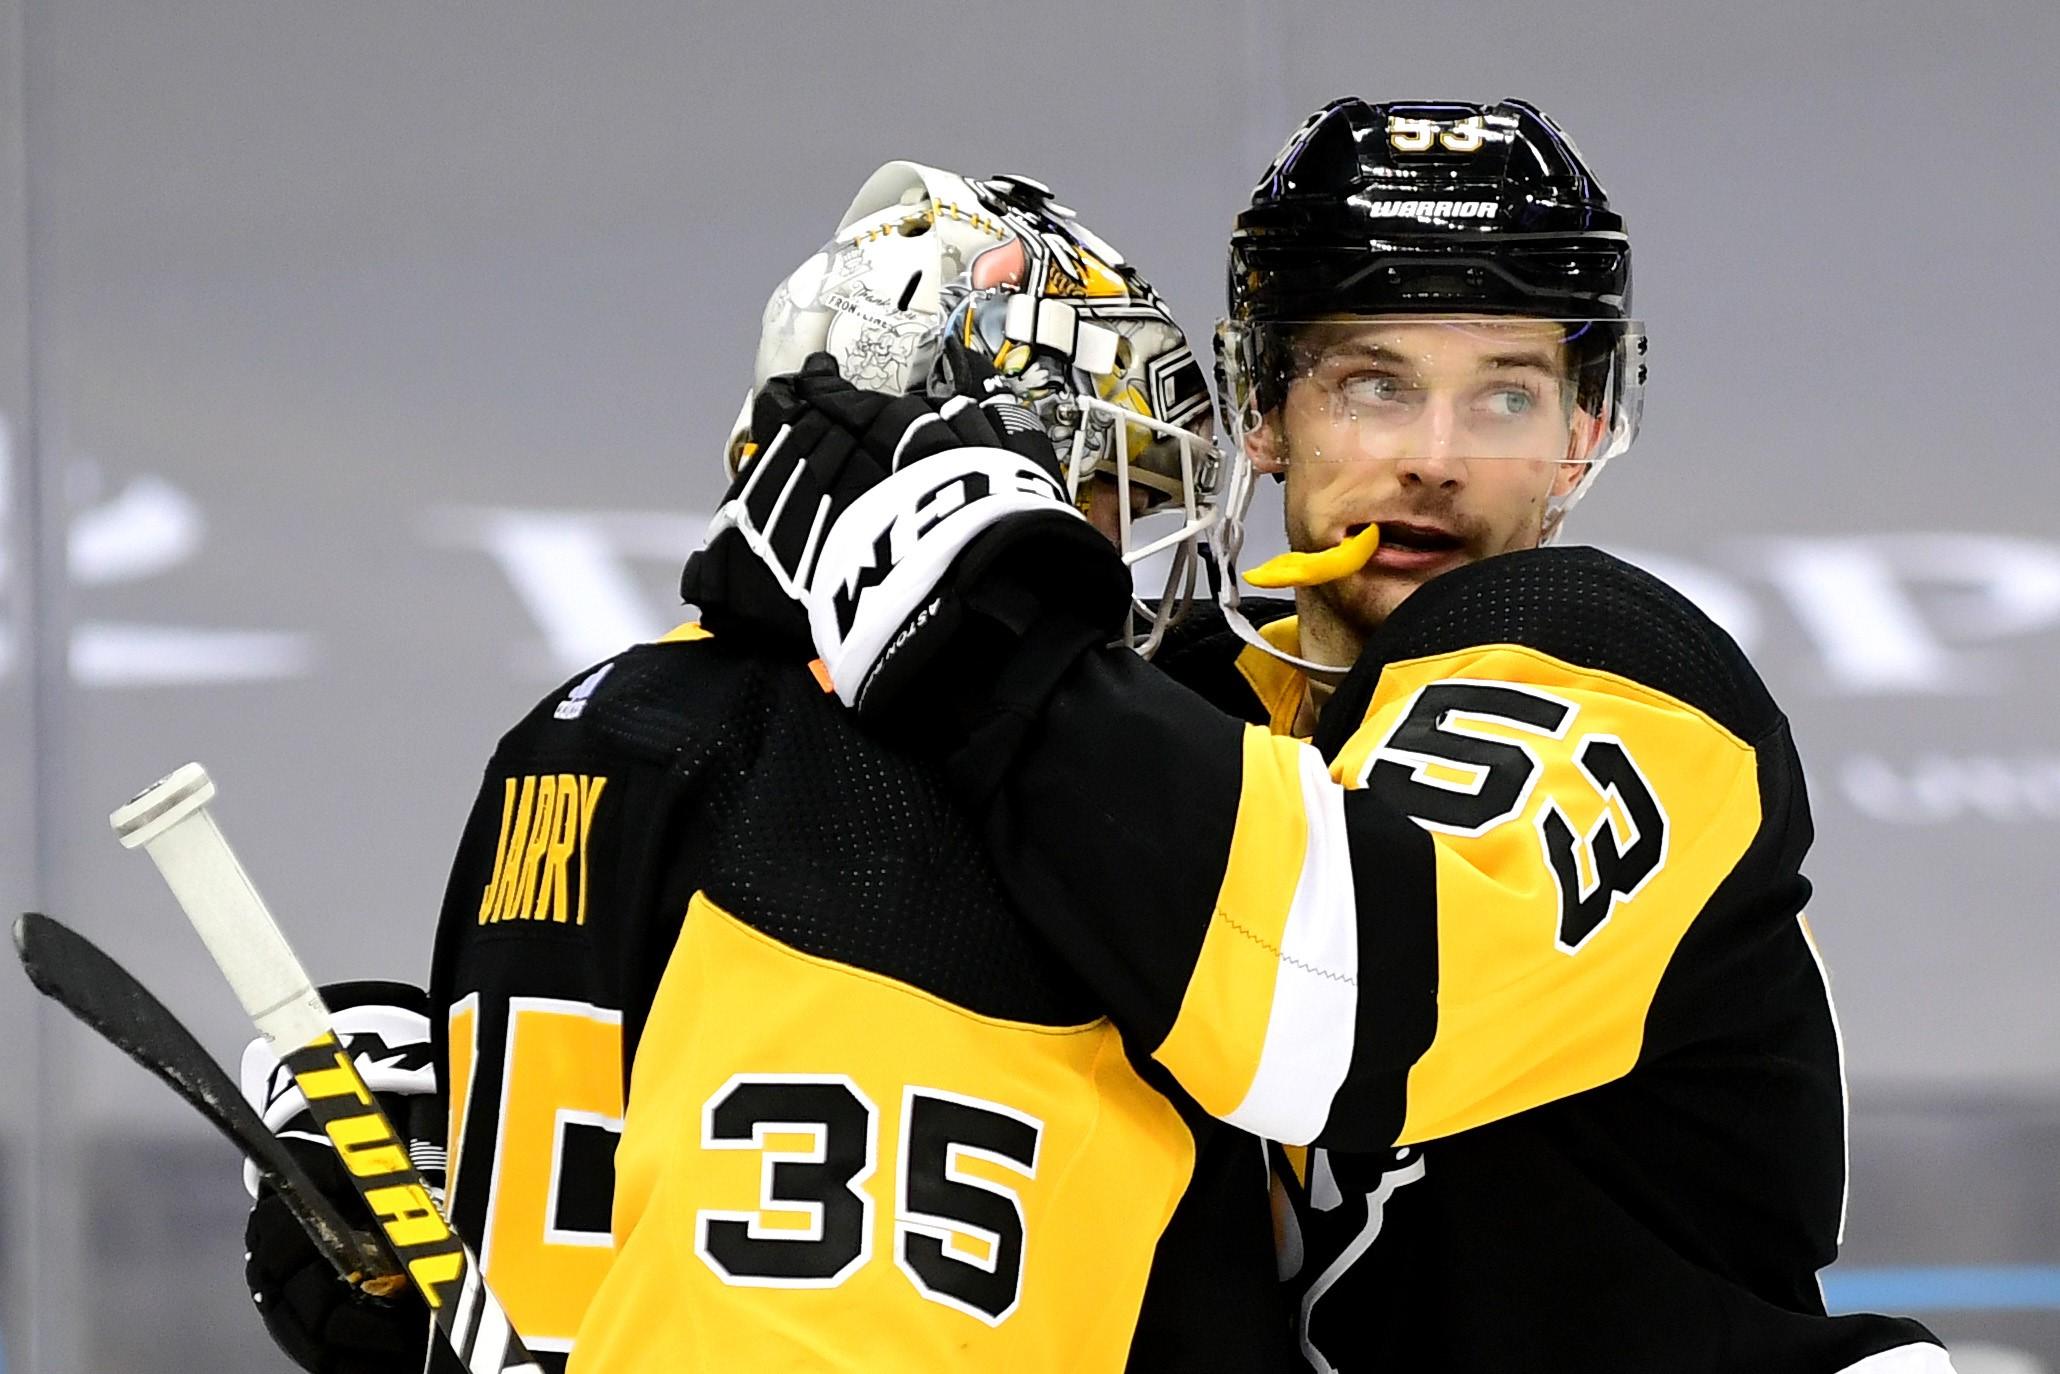 """Divreiz lielāka alga un stabili divi gadi NHL - Bļugers ar """"Penguins"""" noslēdz jaunu līgumu"""